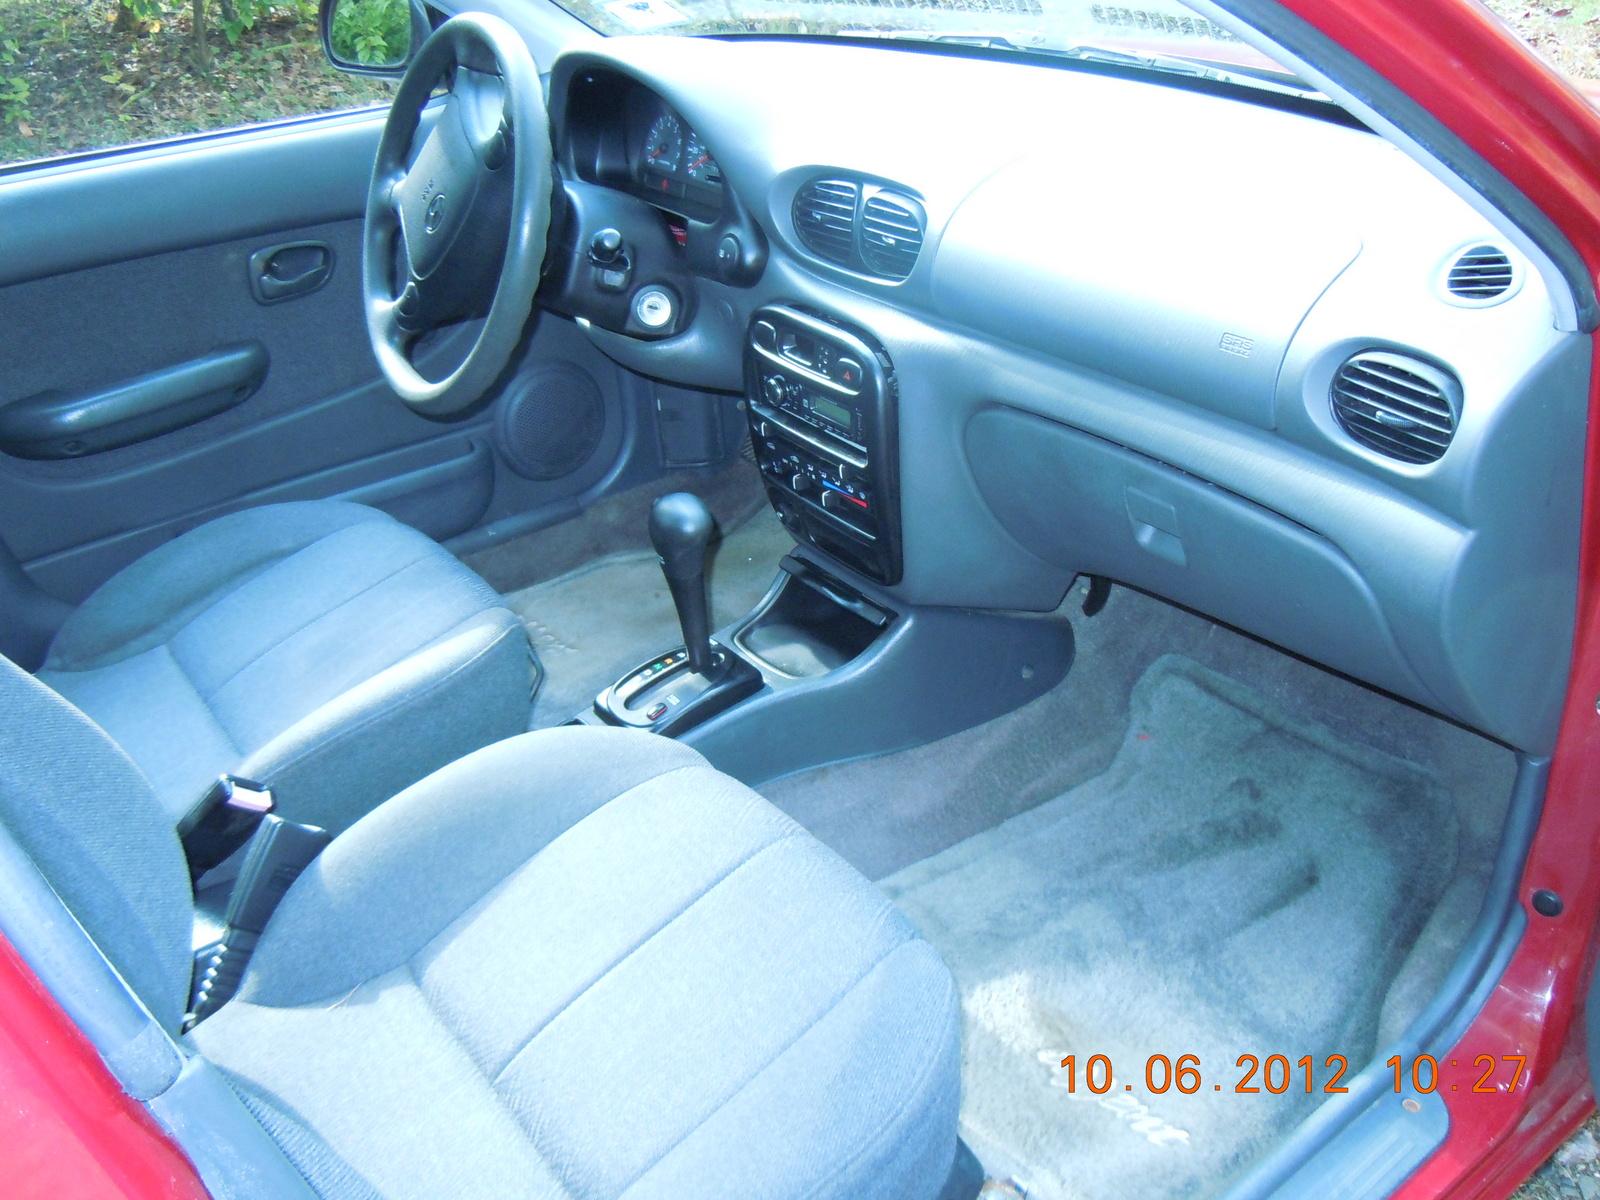 1999 Hyundai Elantra Interior Pictures Cargurus